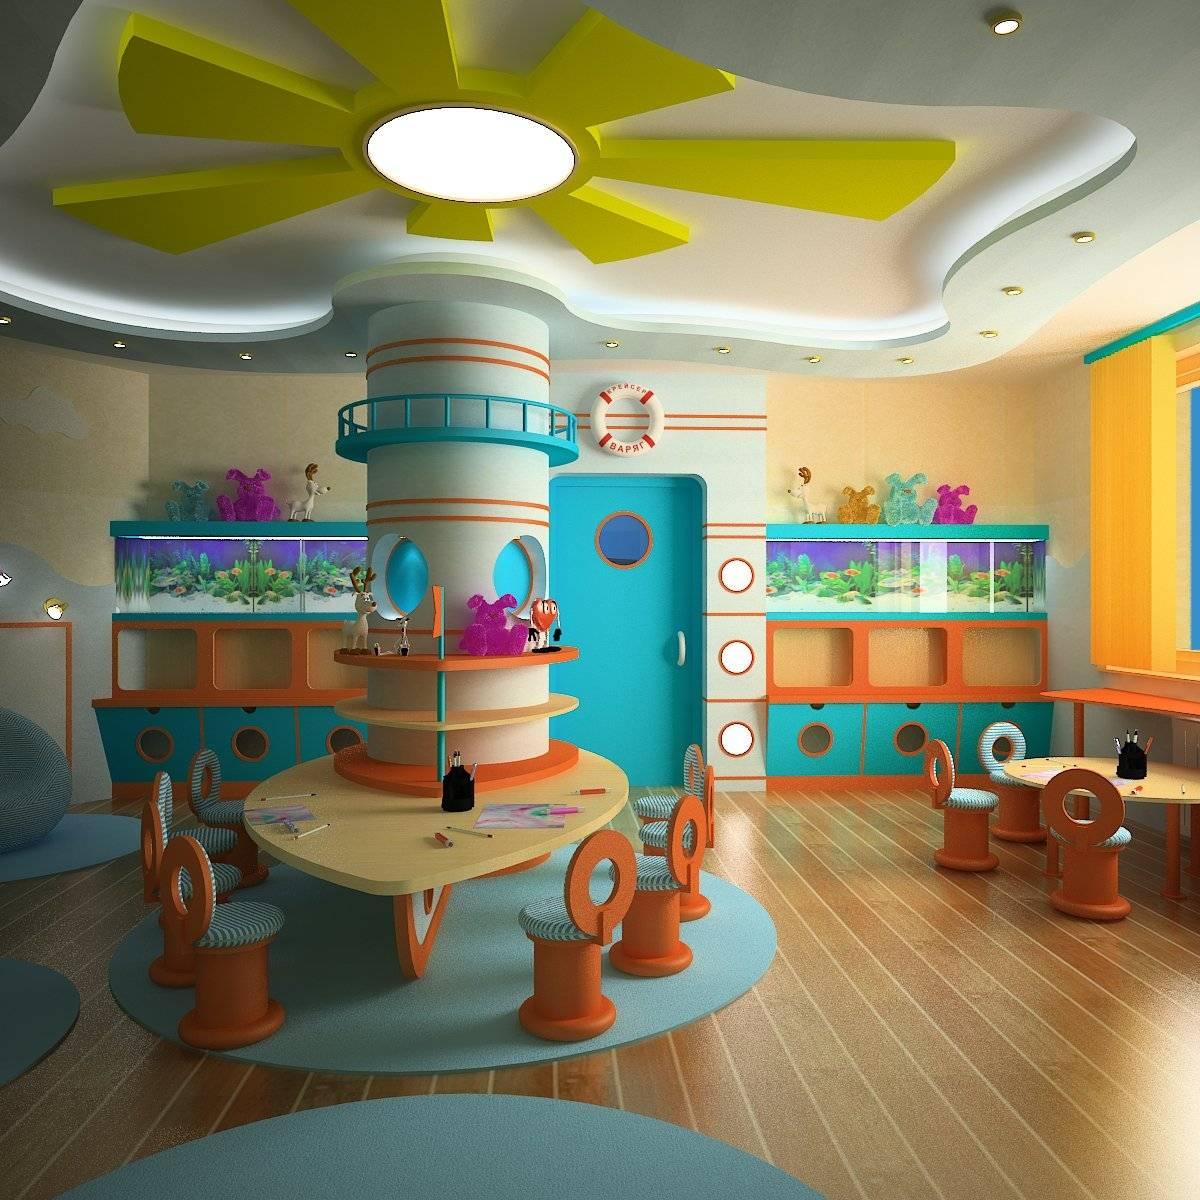 Маленькая детская комната: планировка, зонирование и выбор мебели (50 фото)   все для дома. дизайн и интерьер.